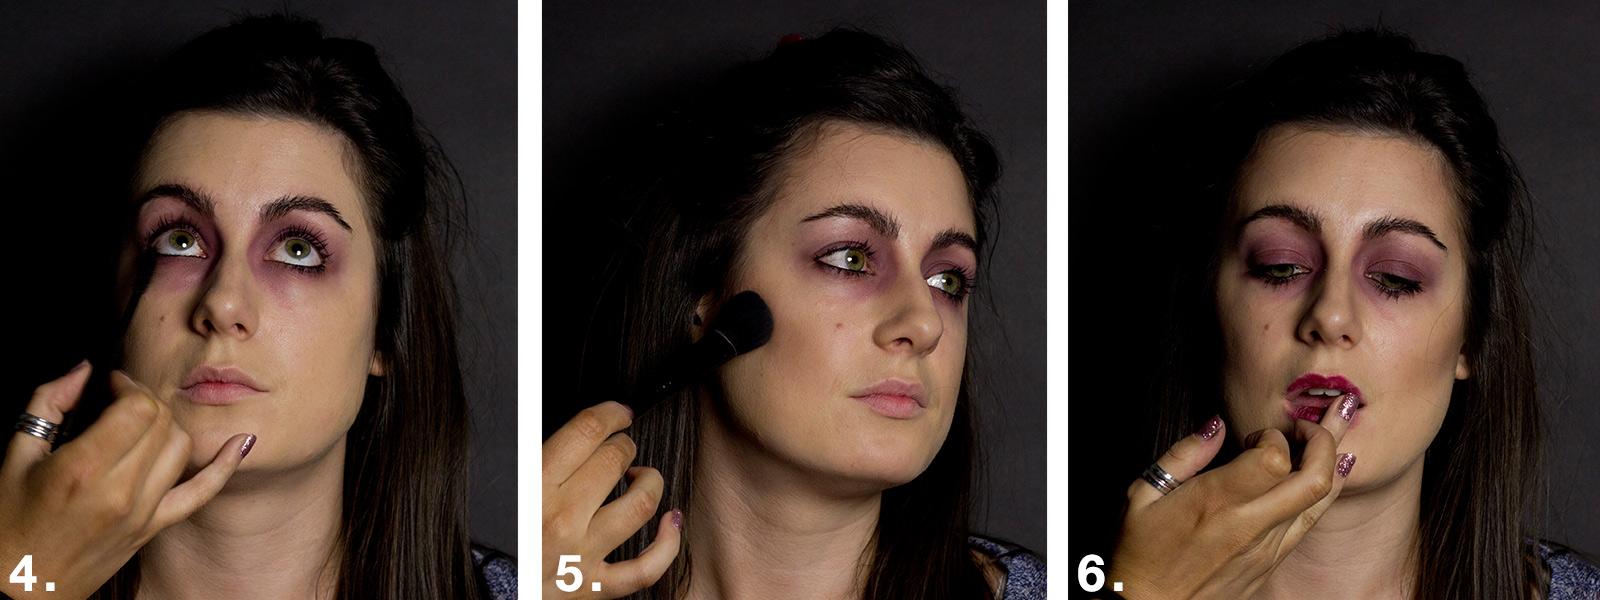 vampire-steps-4-5-6